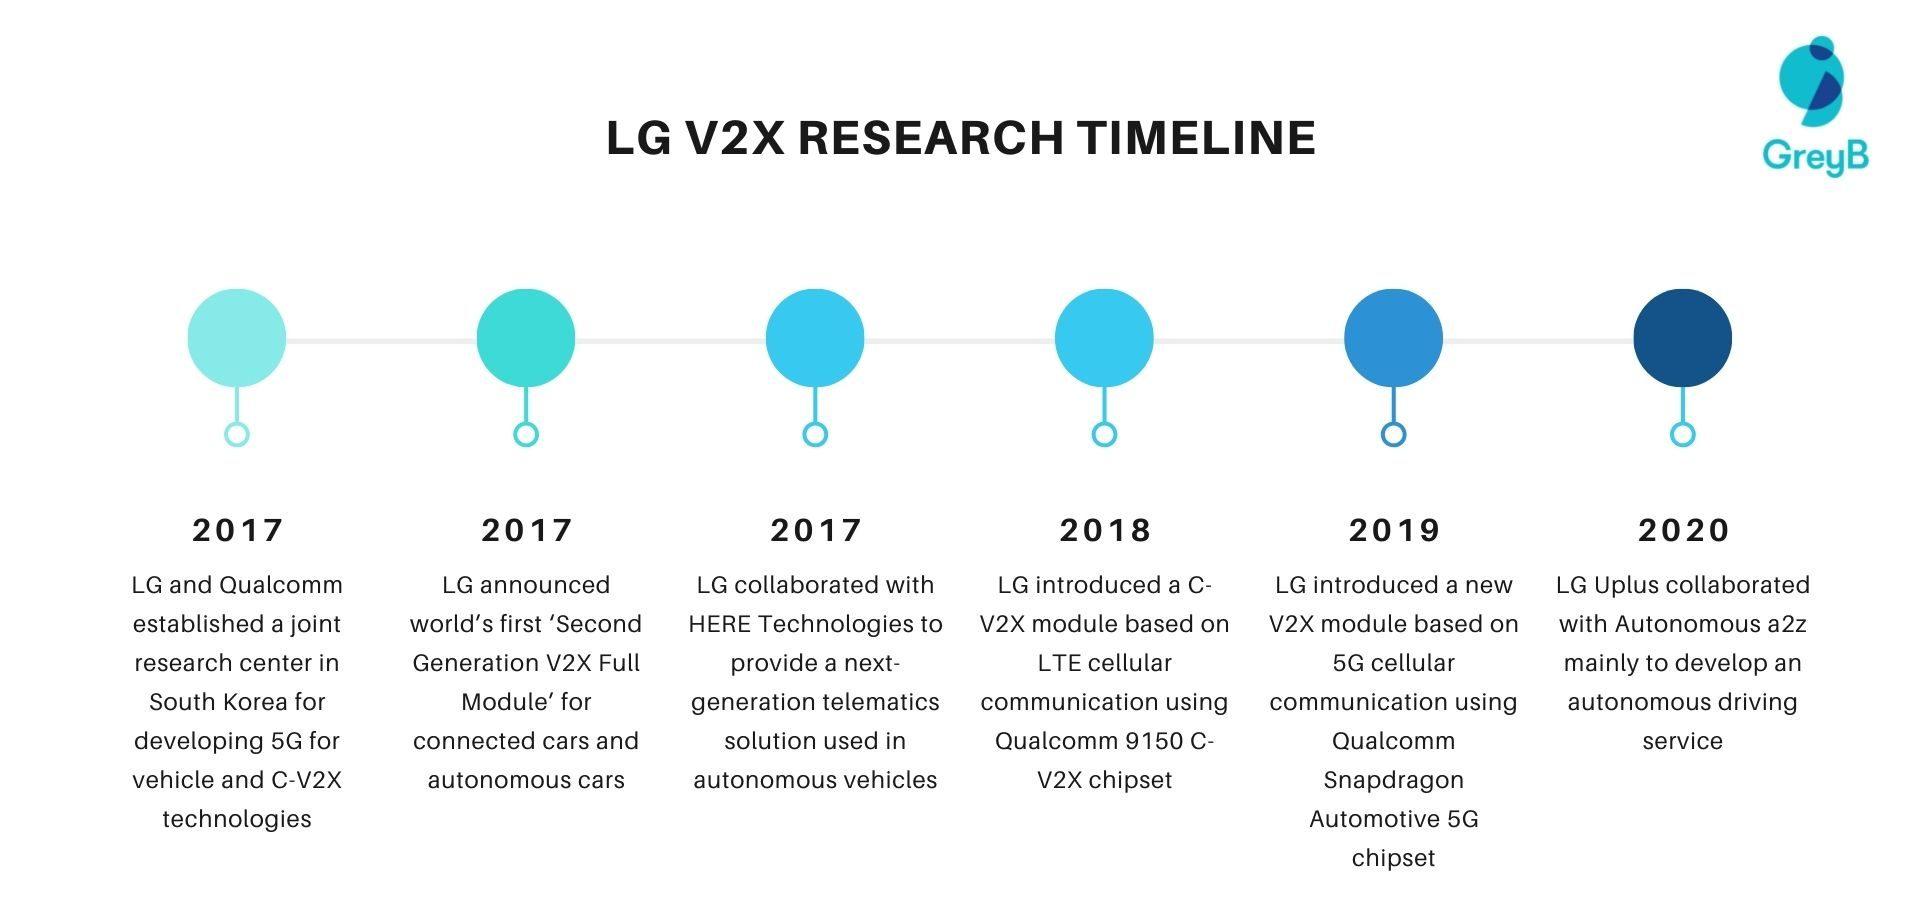 LG V2X Research Timeline